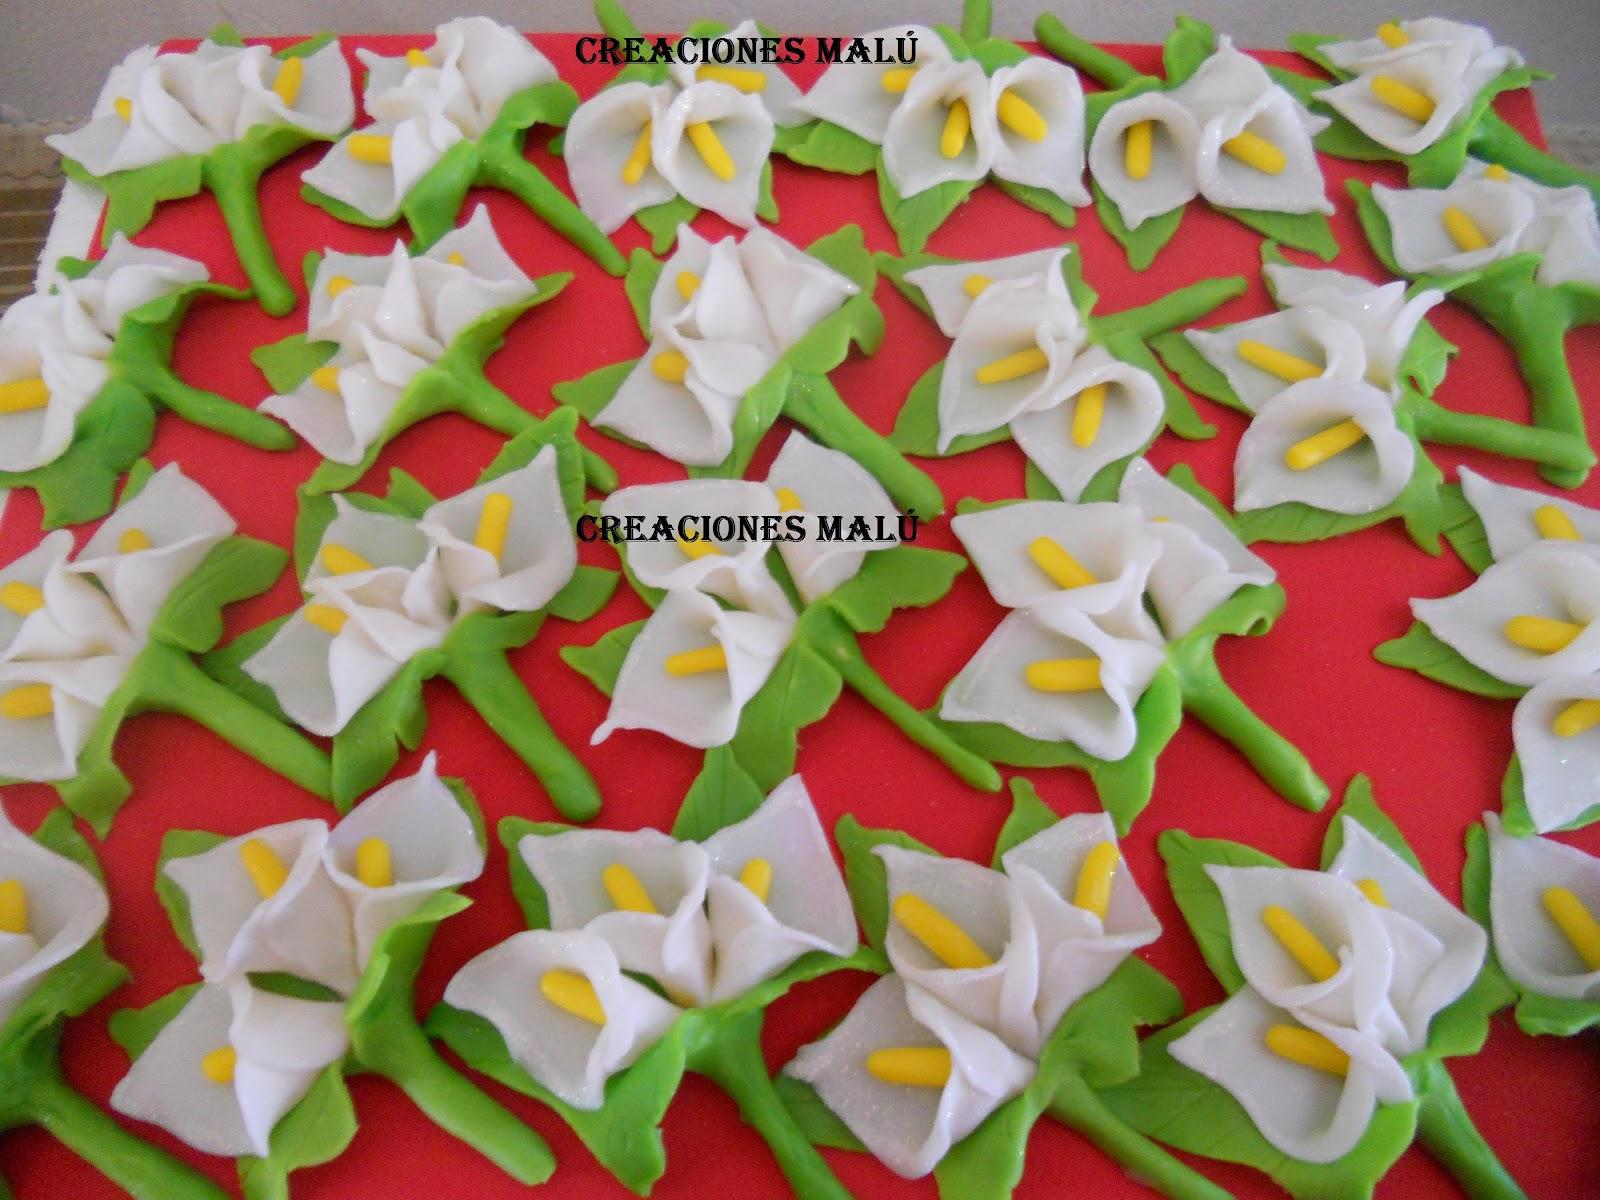 Souvenires Para el Dia de la Tradicion en Porcelana Fria